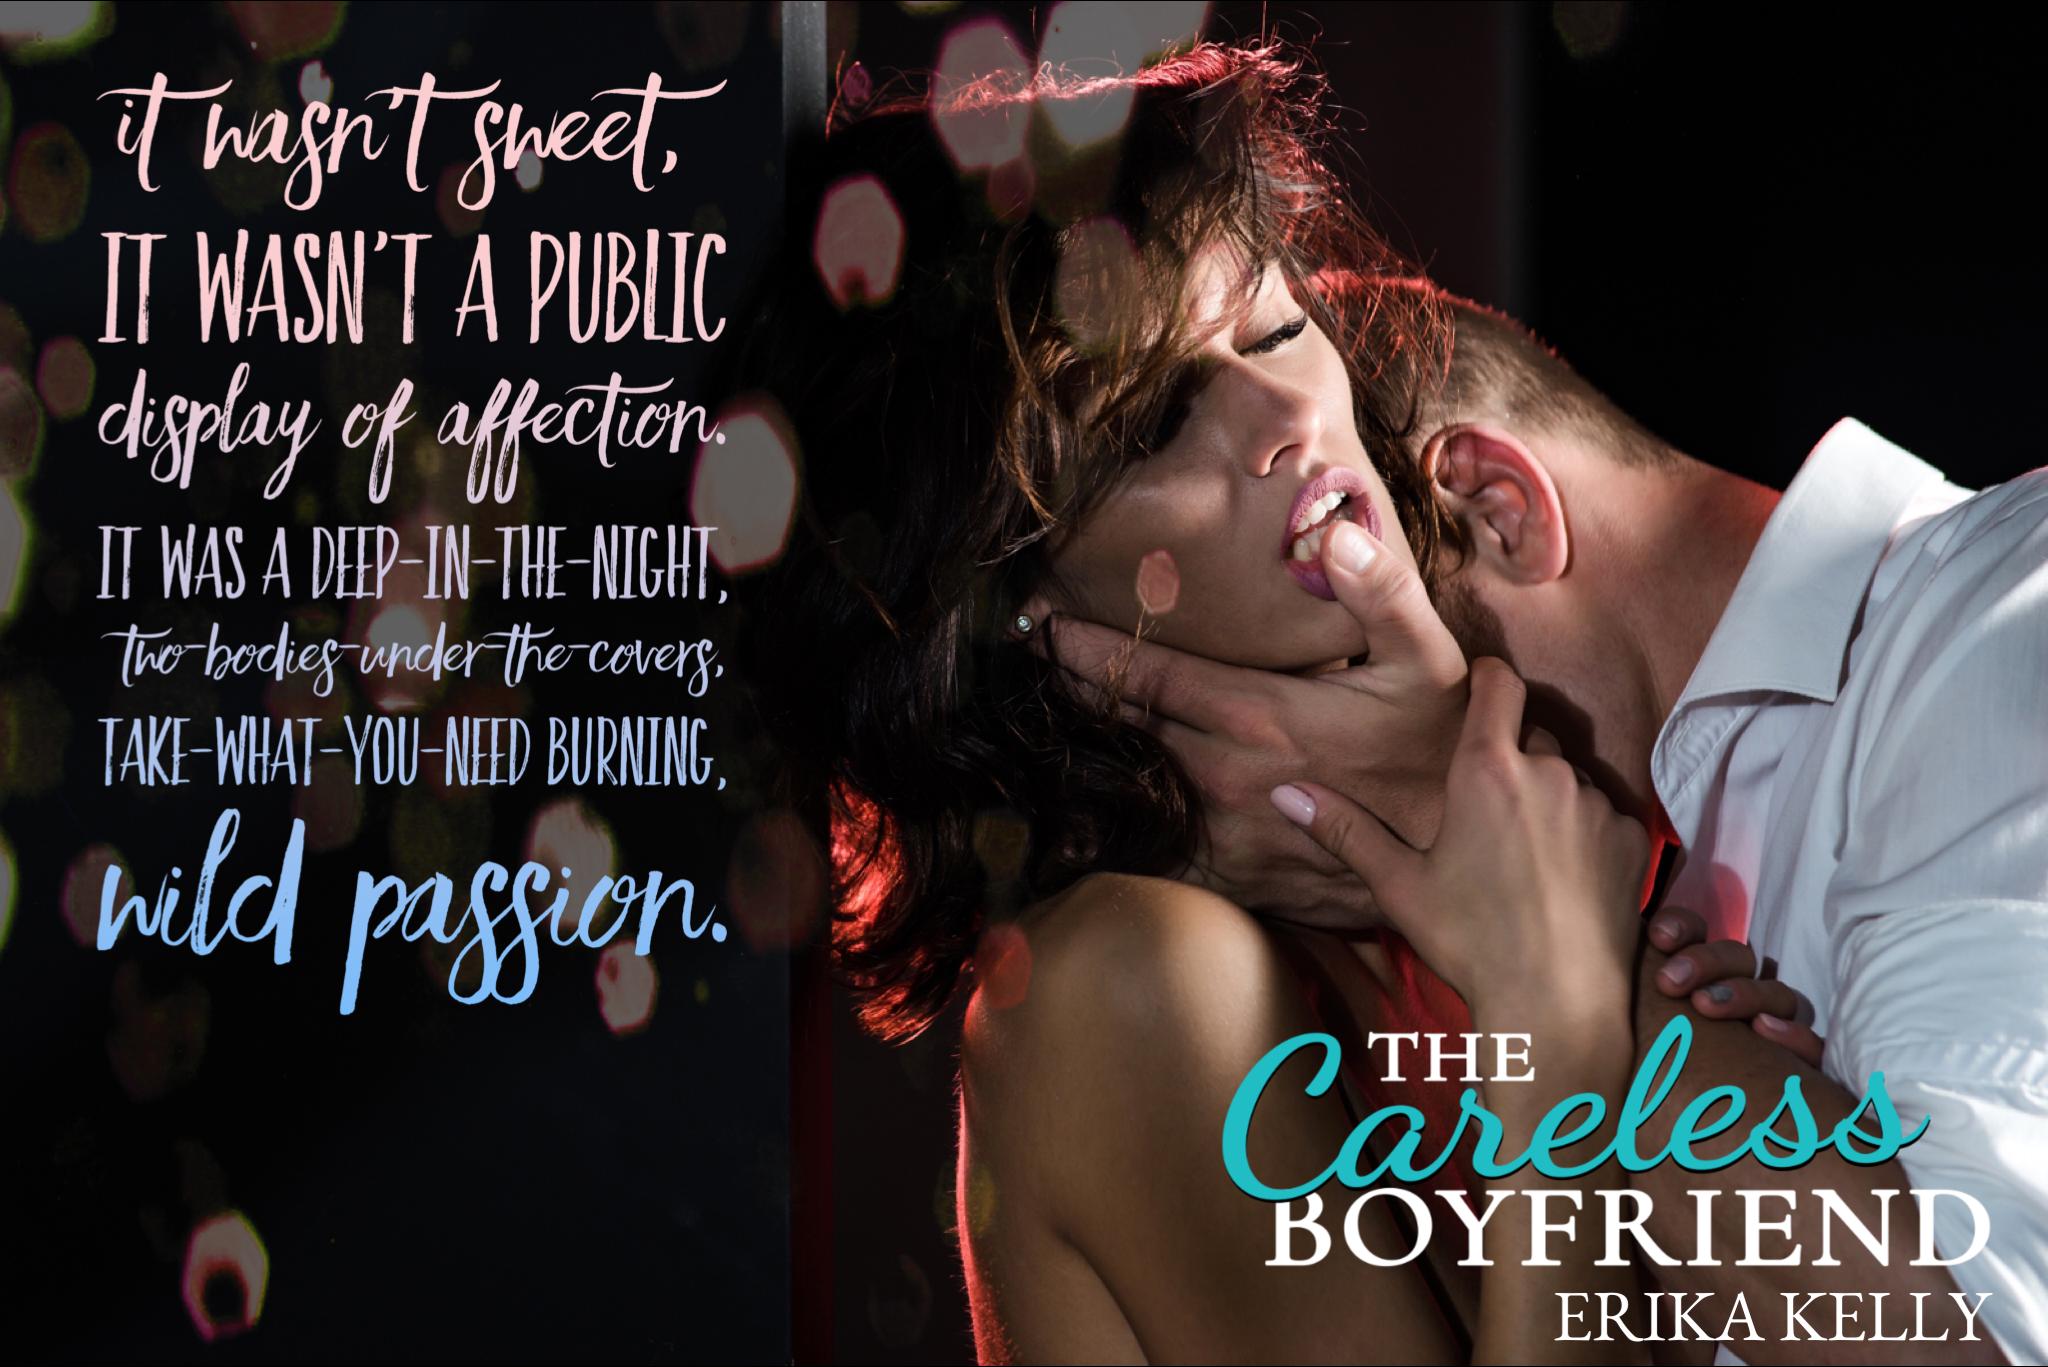 Erika Kelly's THE CARELESS BOYFRIEND – Review & Excerpt Tour